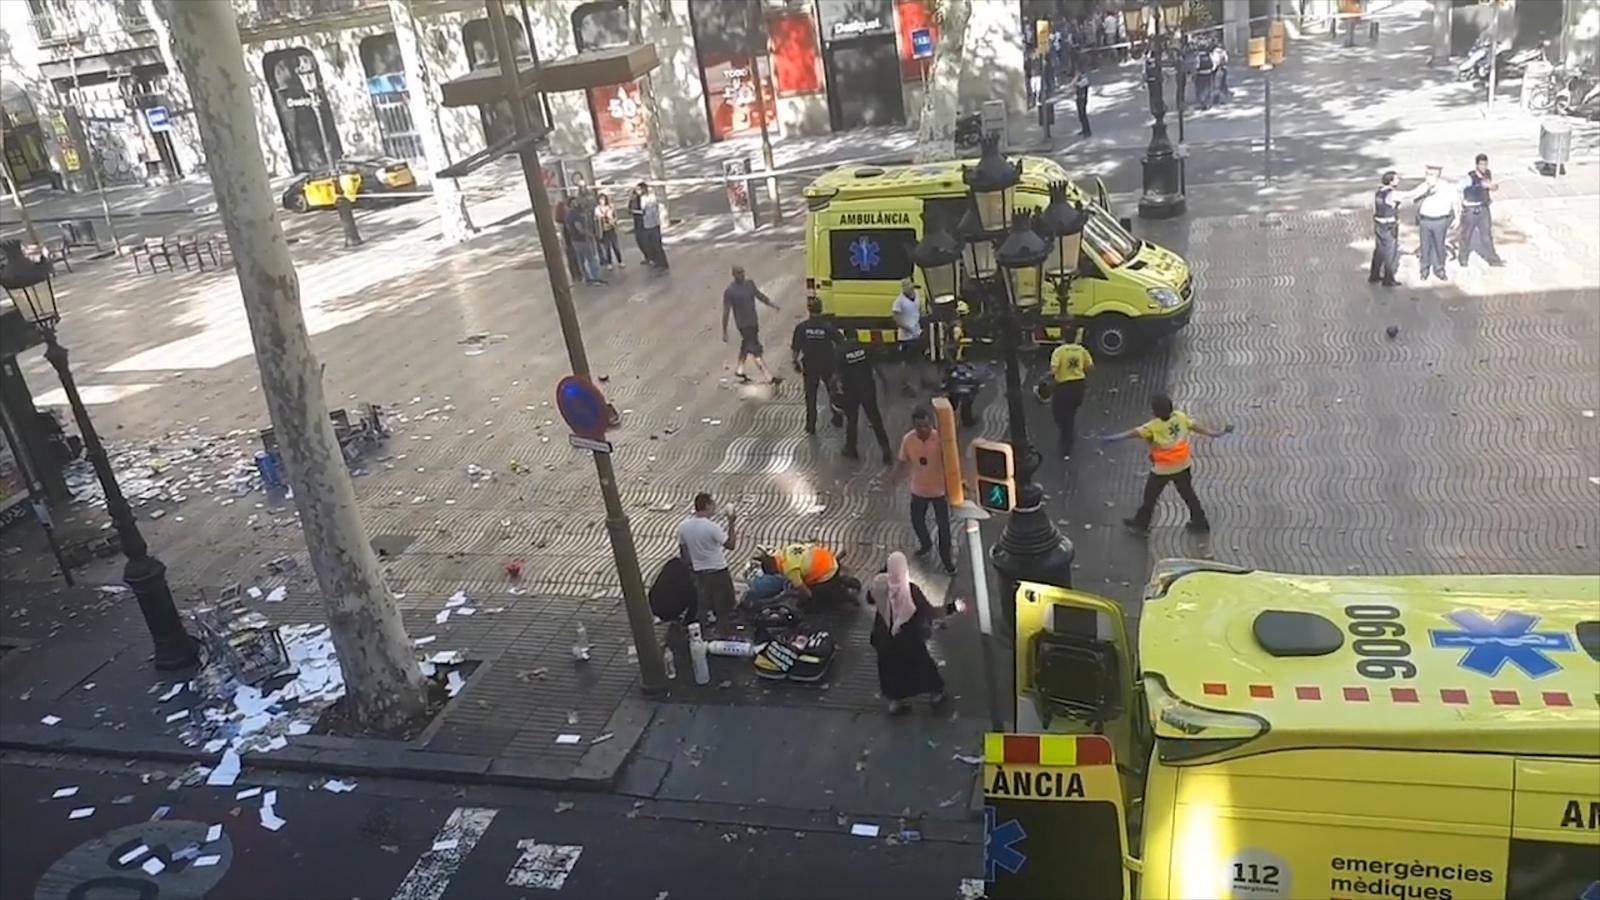 Footage shows aftermath in Las Ramblas after van ploughs into pedestrians